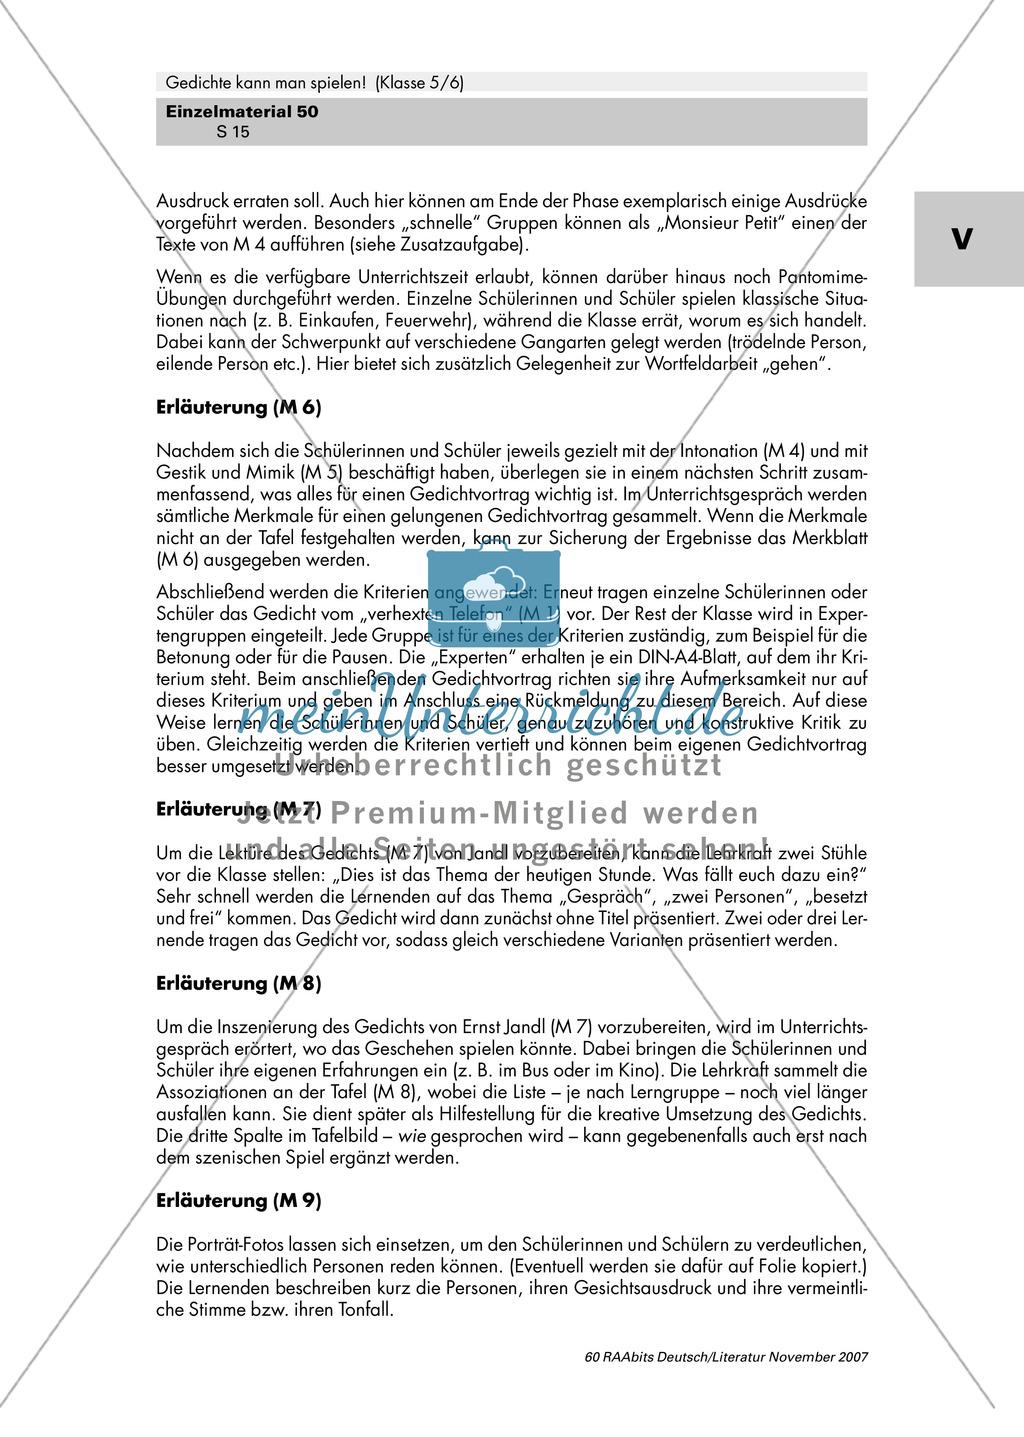 Inszenierung zweier Gedichte von Erich Kästner und Ernst Jandl mit Gestik, Mimik und Intonation als Mittel zur Texterschließung Preview 10